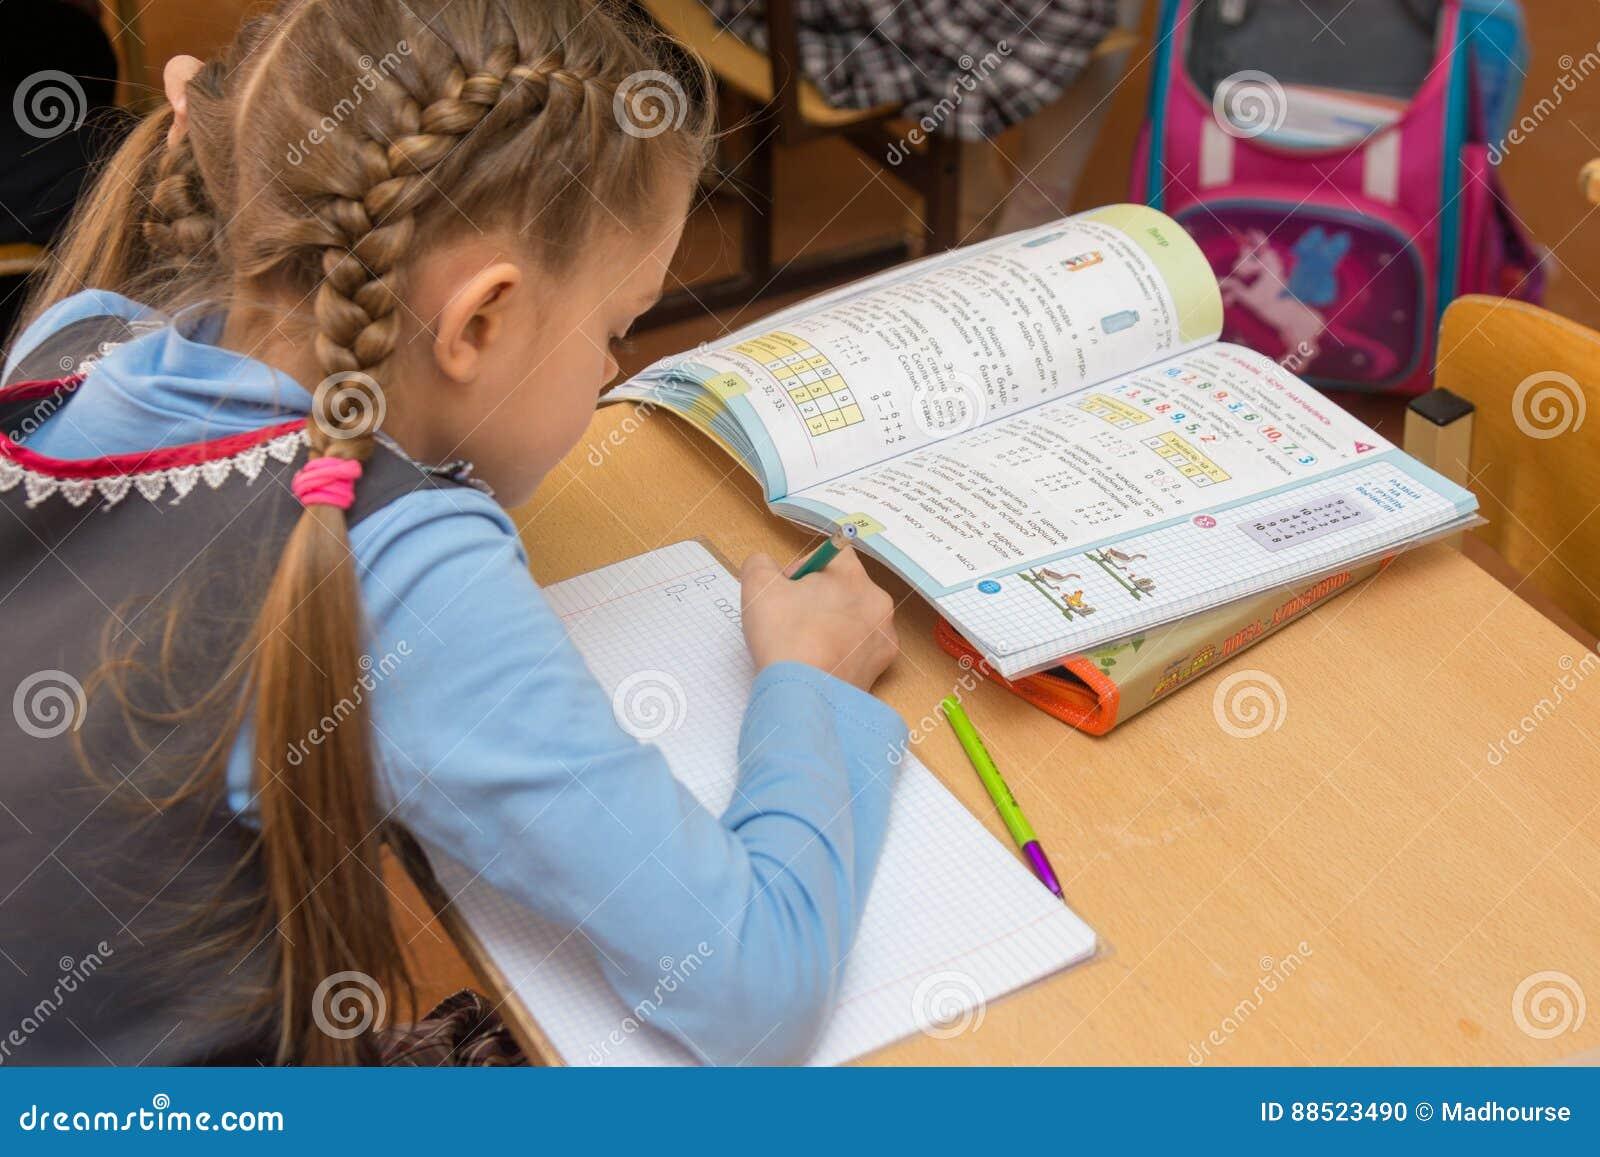 Första-väghyveln på en kurs av matematik skriver i en anteckningsbok, sidosikt från baksidan